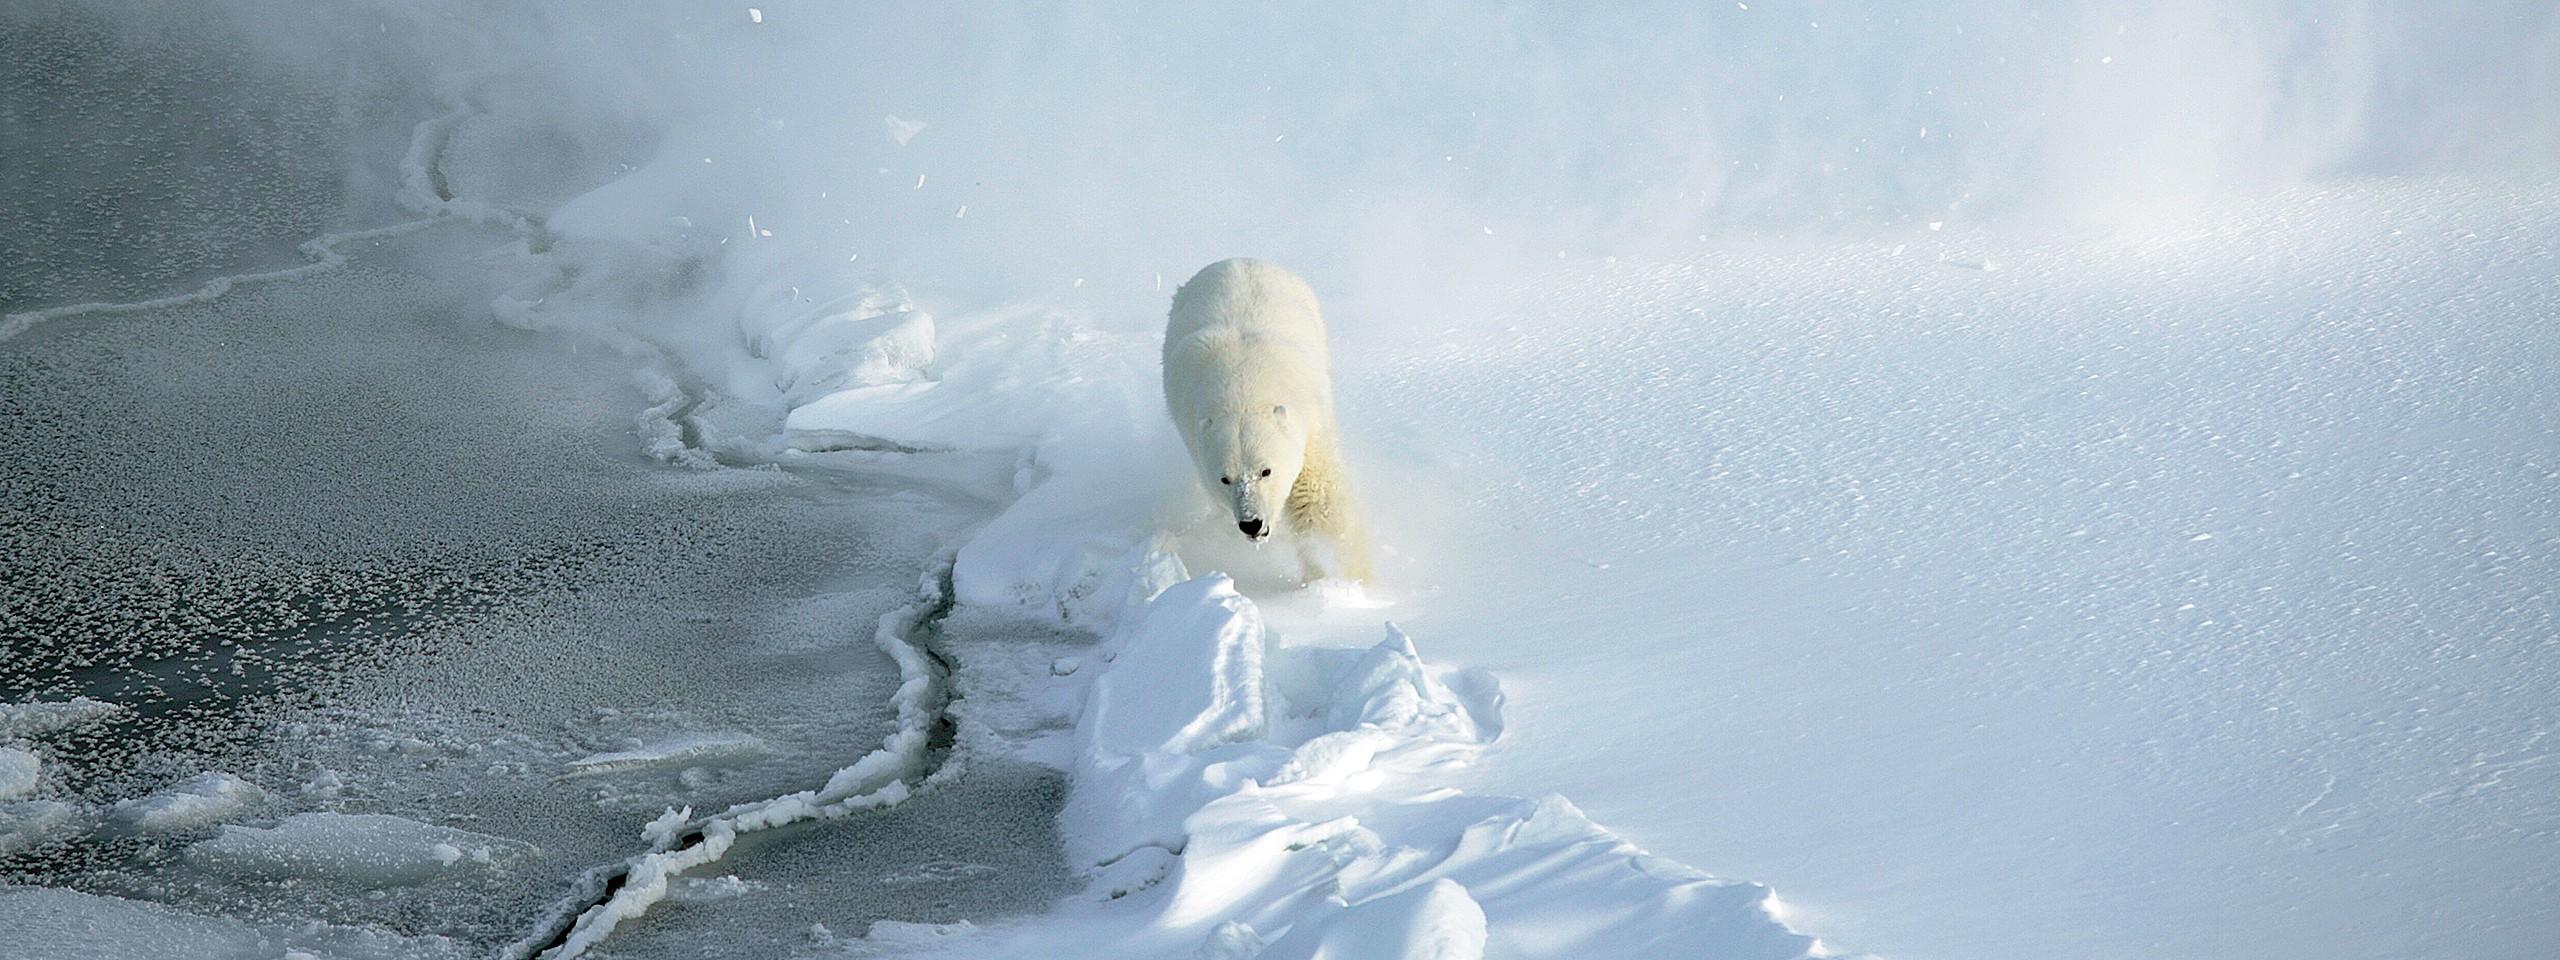 Jääkarhu © Jon Aars / Norwegian Polar Institute  / WWF-Canon